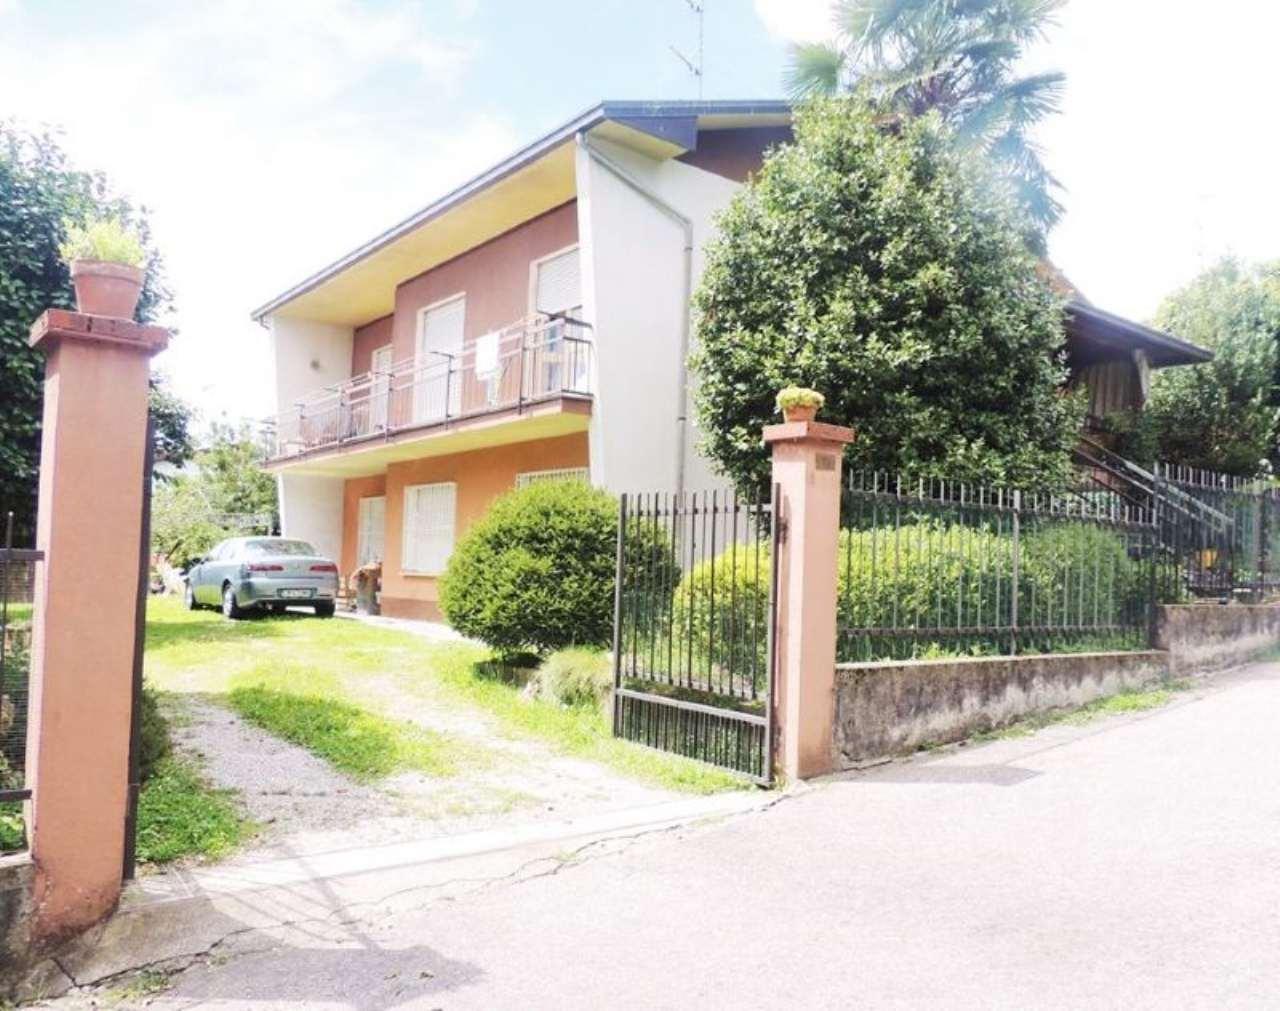 Palazzo / Stabile in vendita a Sesto Calende, 6 locali, prezzo € 285.000 | Cambio Casa.it